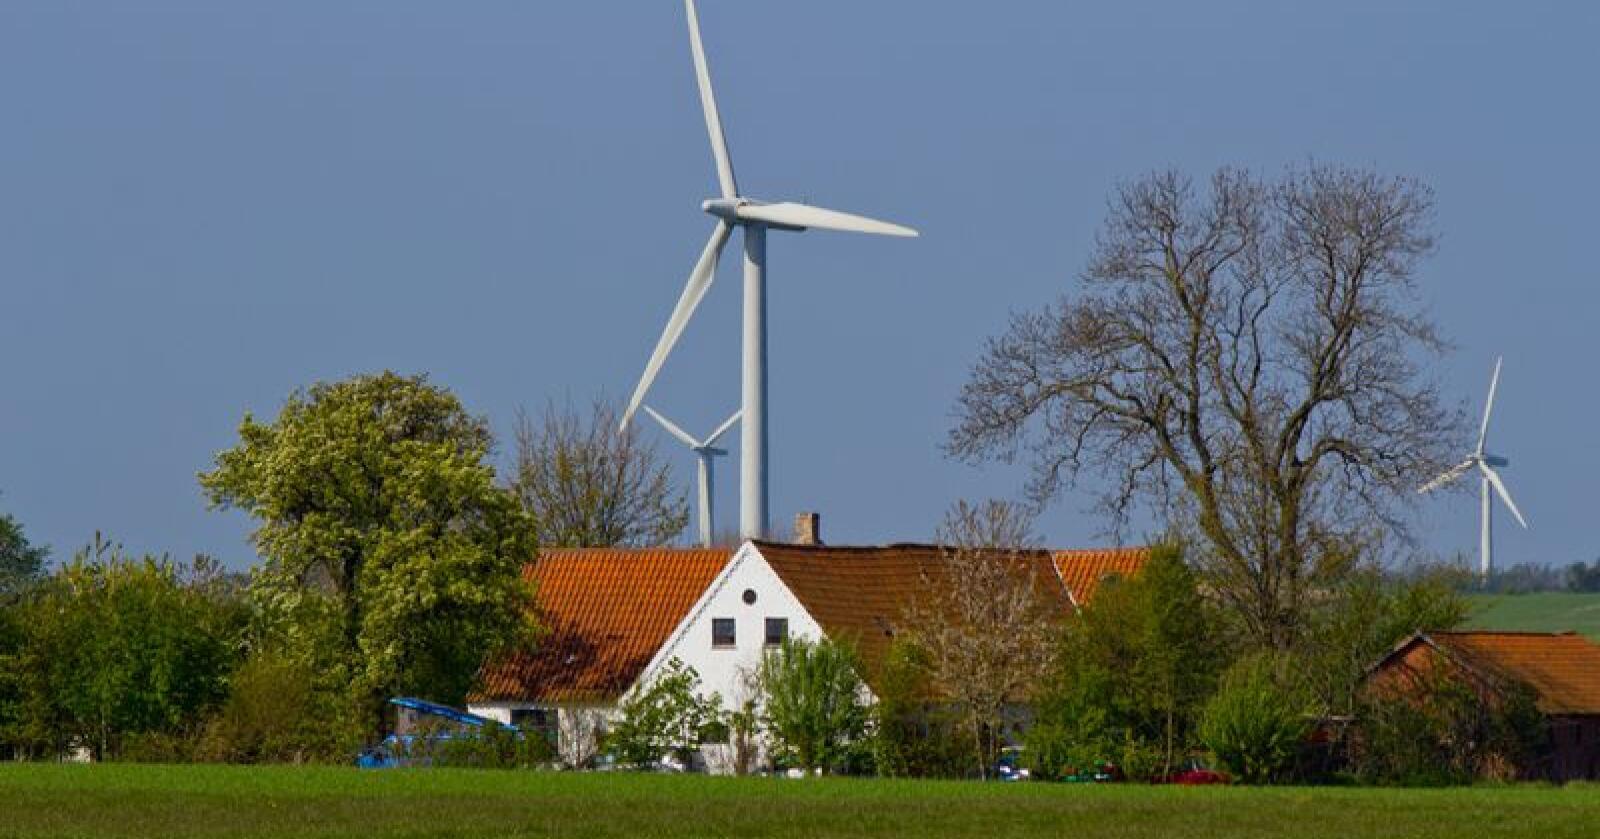 Dansk landbruk må få større økonomisk drahjelp for å gjennomføre grønn omstilling og nå visjonen om klimanøytralitet i 2050, påpeker Landbug & Fødevarer – Danmarks svar på Norges Bondelag. Foto: Henrik Sørensen/Colourbox